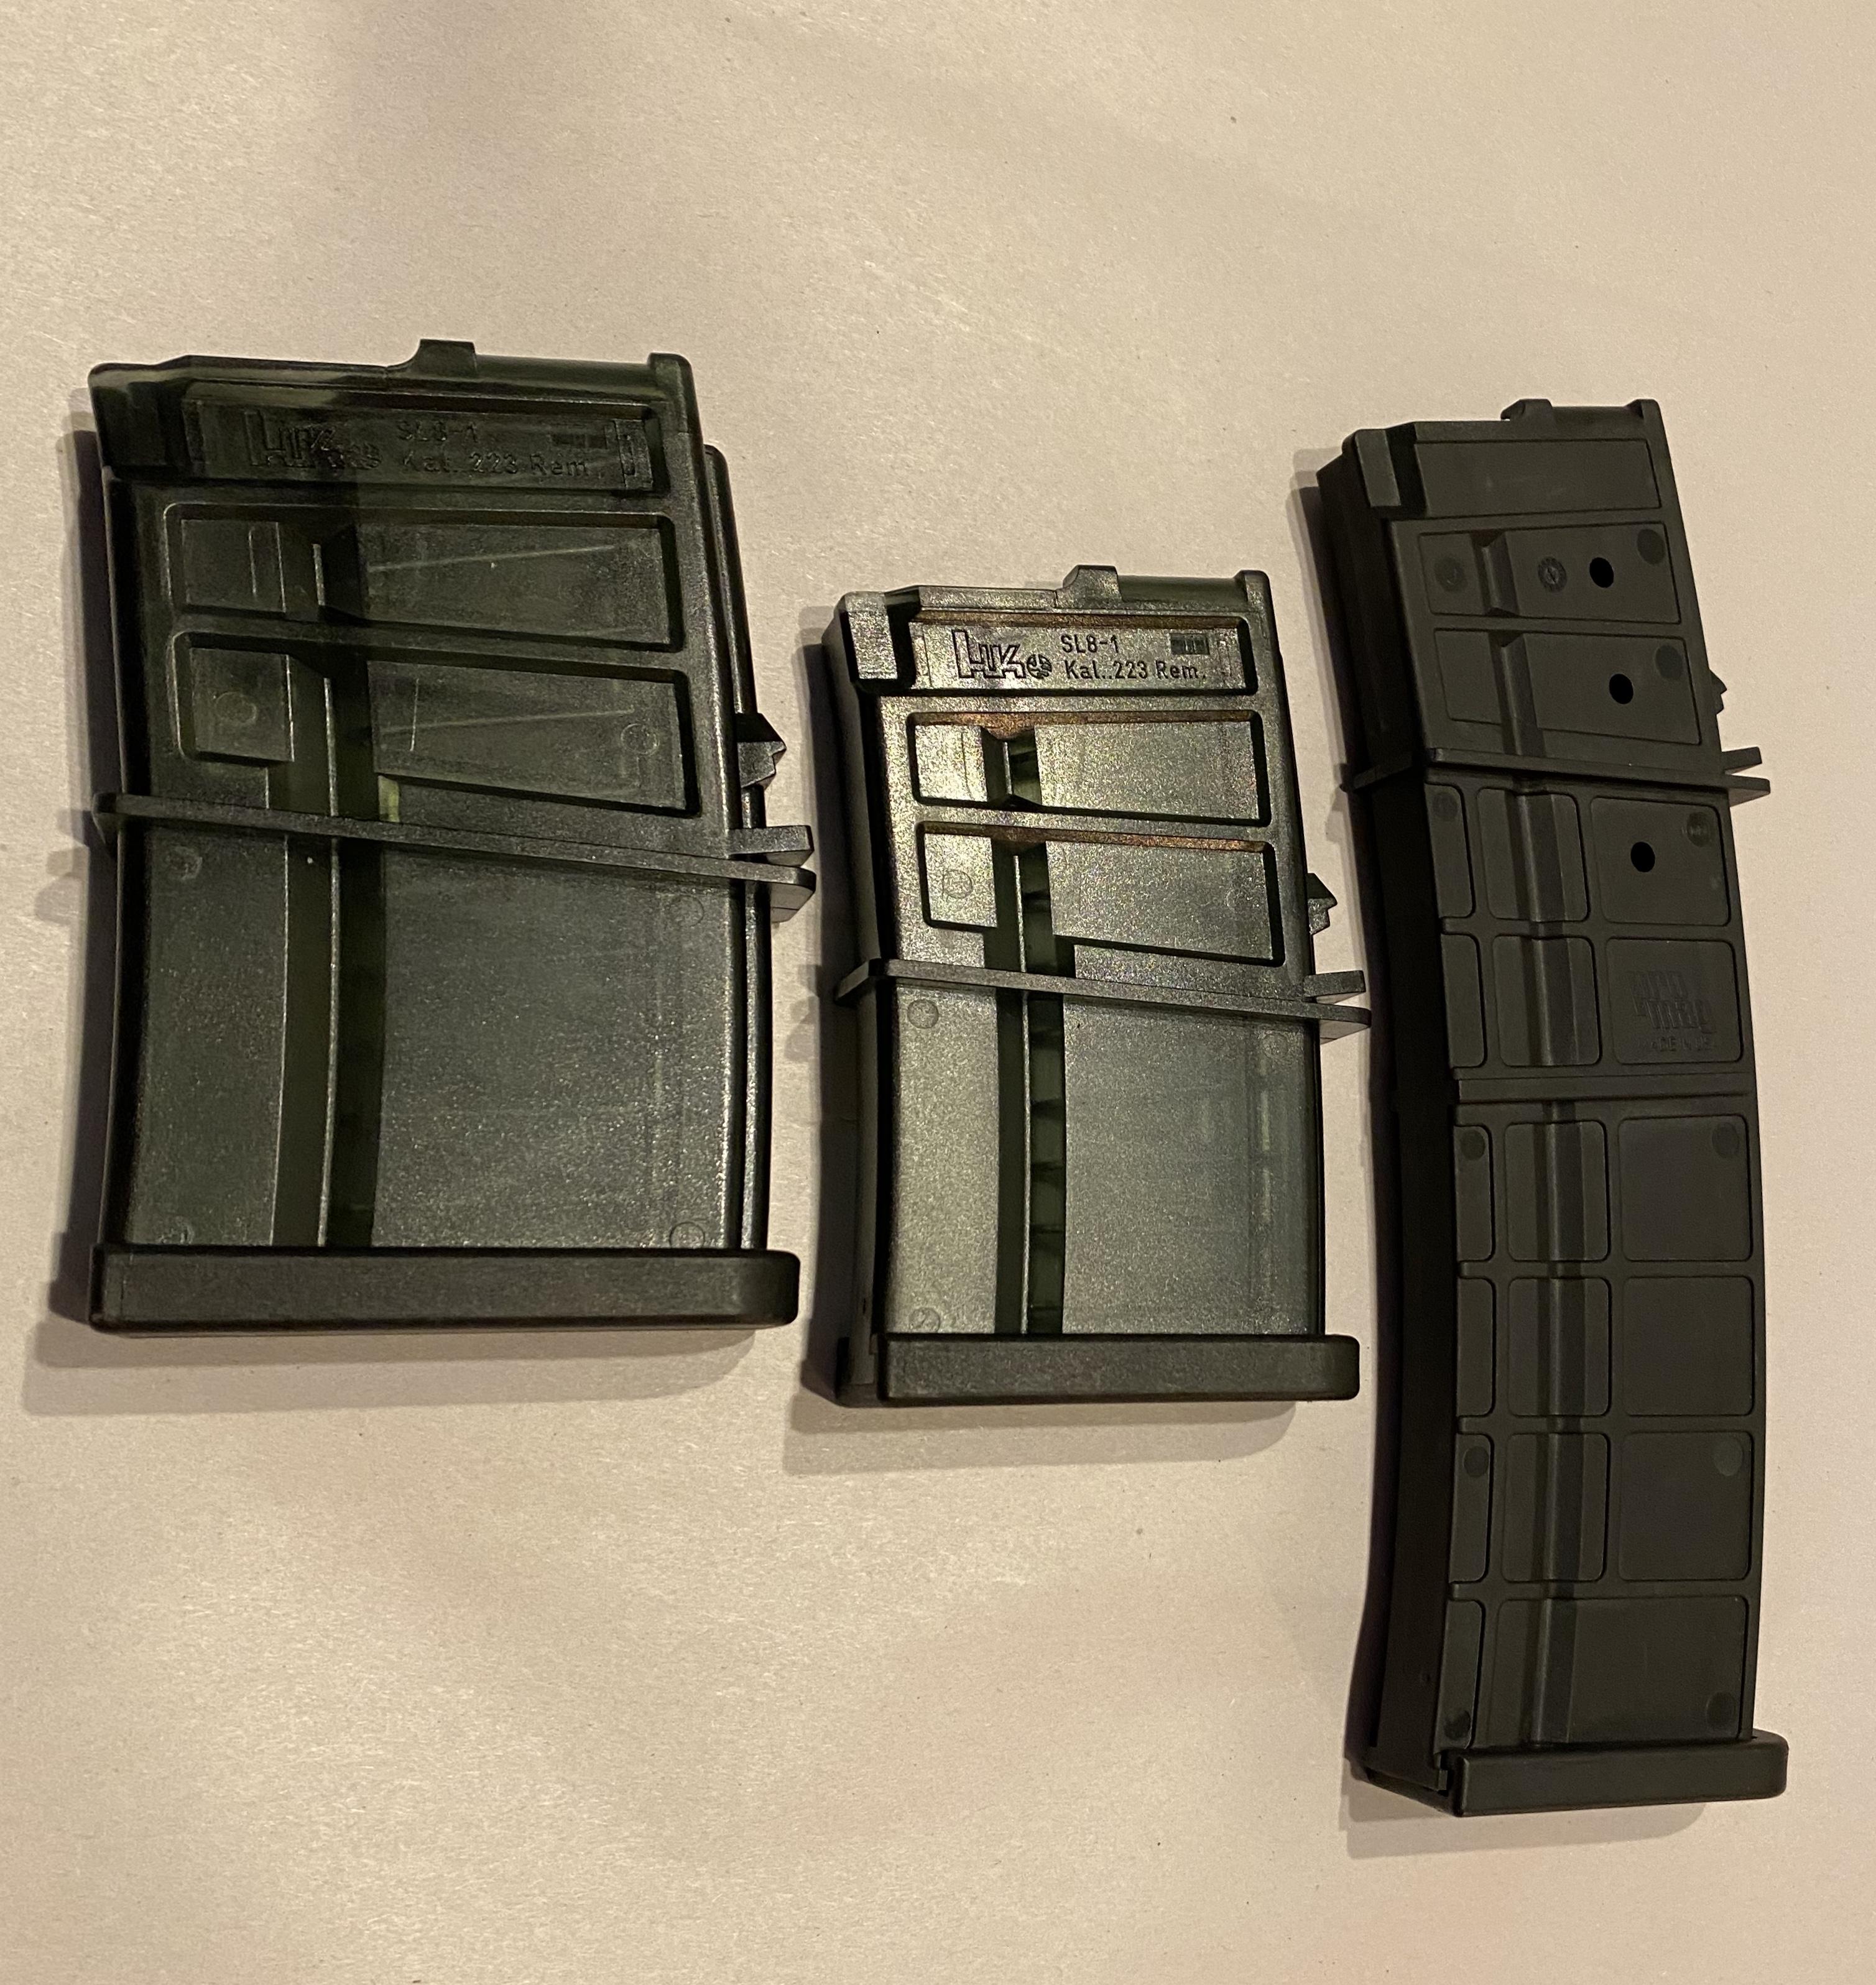 WTS: Parts list-G36E/K handguards, sight rails, G28 FH, MR556/416 stock/grip, VP9/P30-e19cc48d-3853-4eb9-8d7b-00d81aef5ad4.jpeg